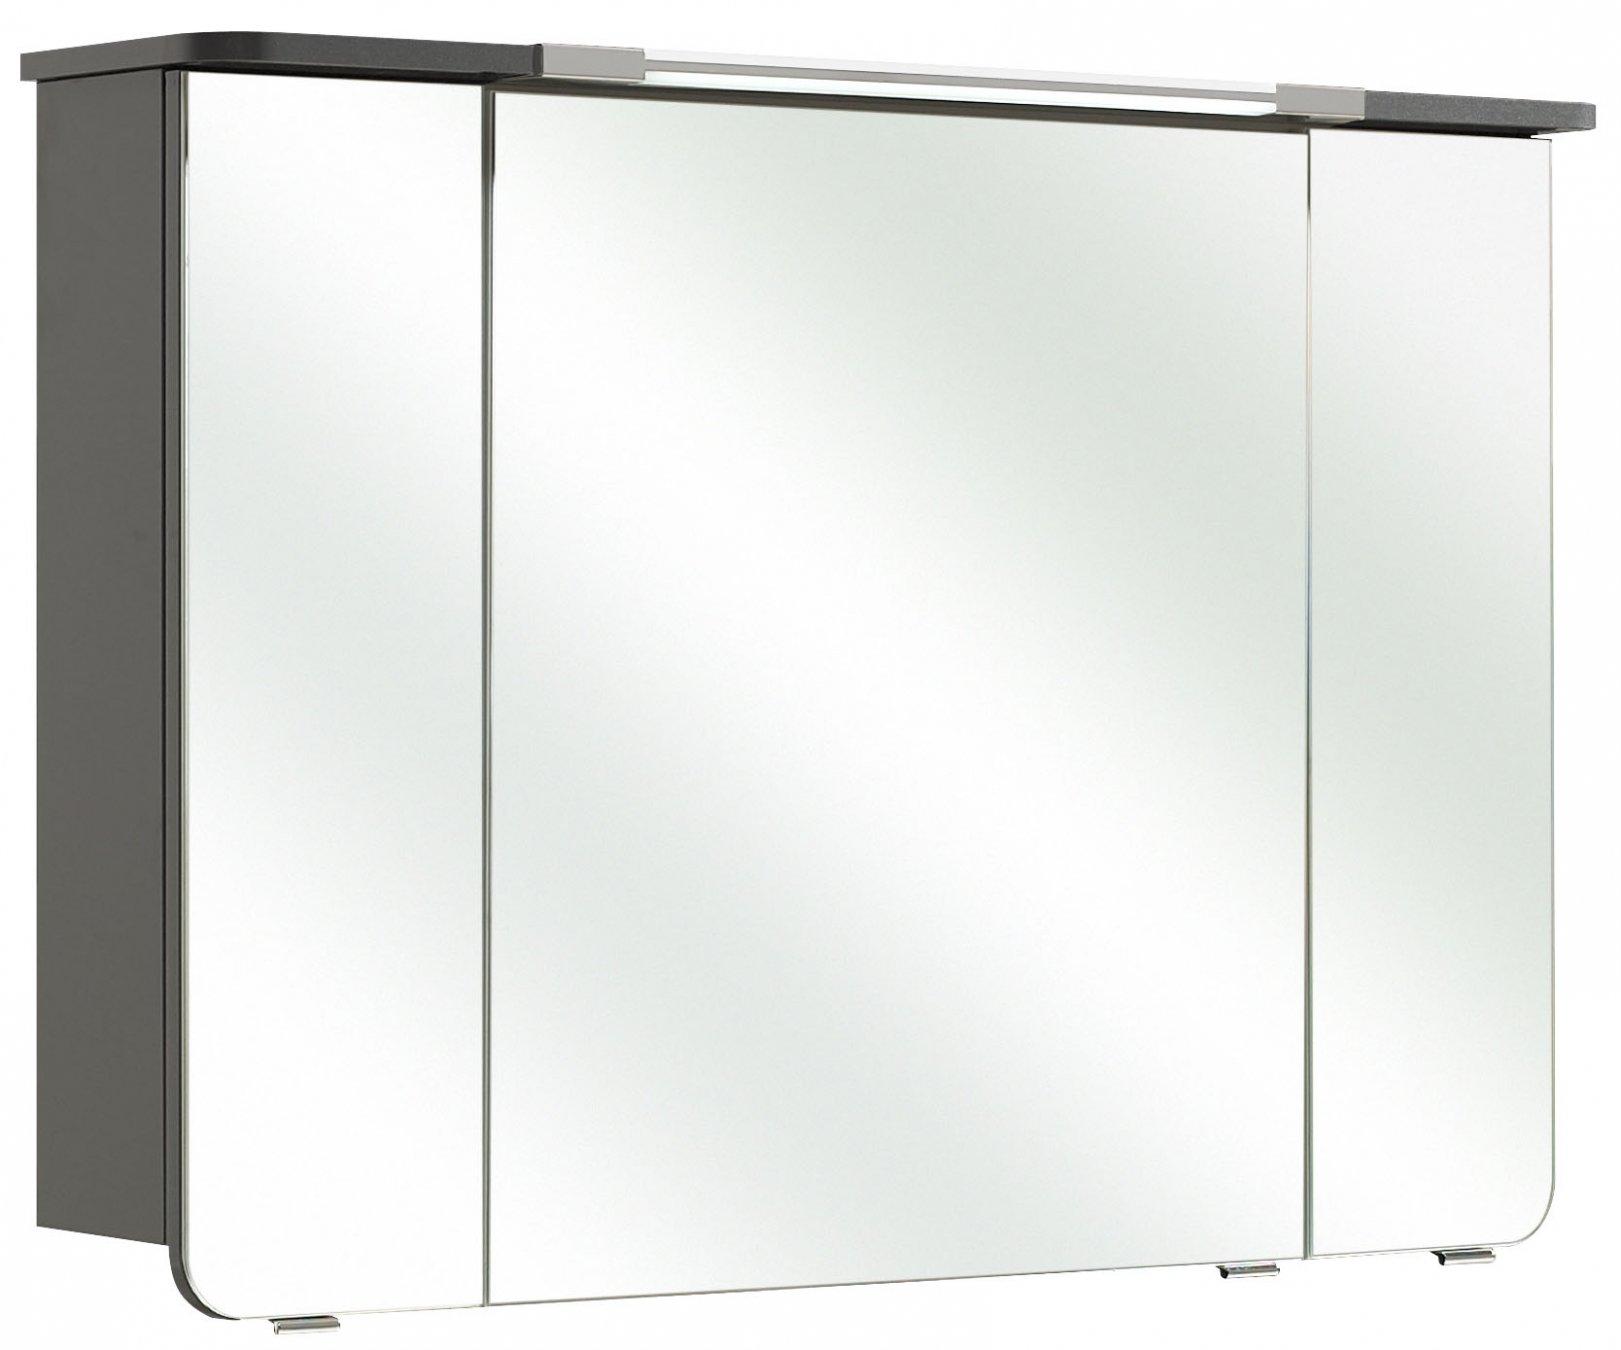 Badmöbel spiegelschrank  Spiegelschank Pelipal Cassca 100 - Arcom Center